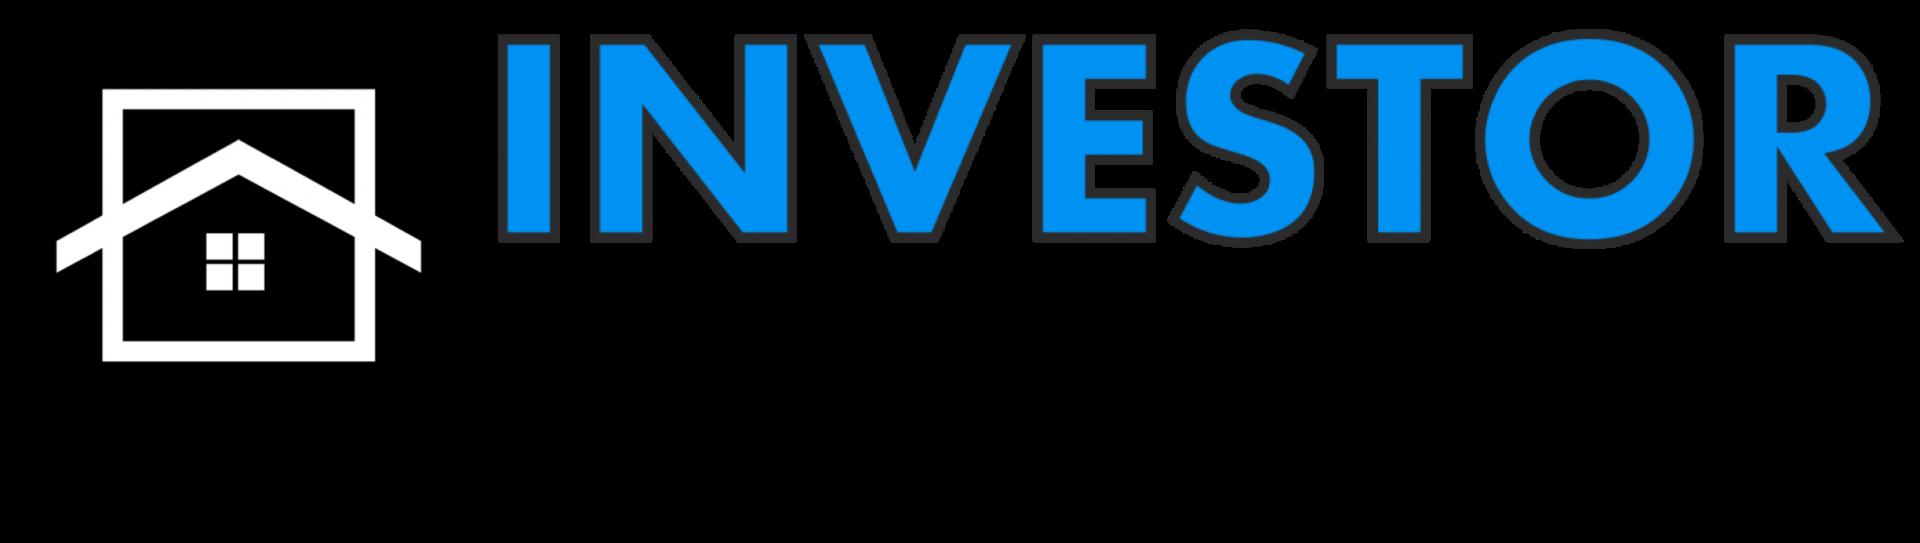 INVESTOR DEAL SOURCE logo